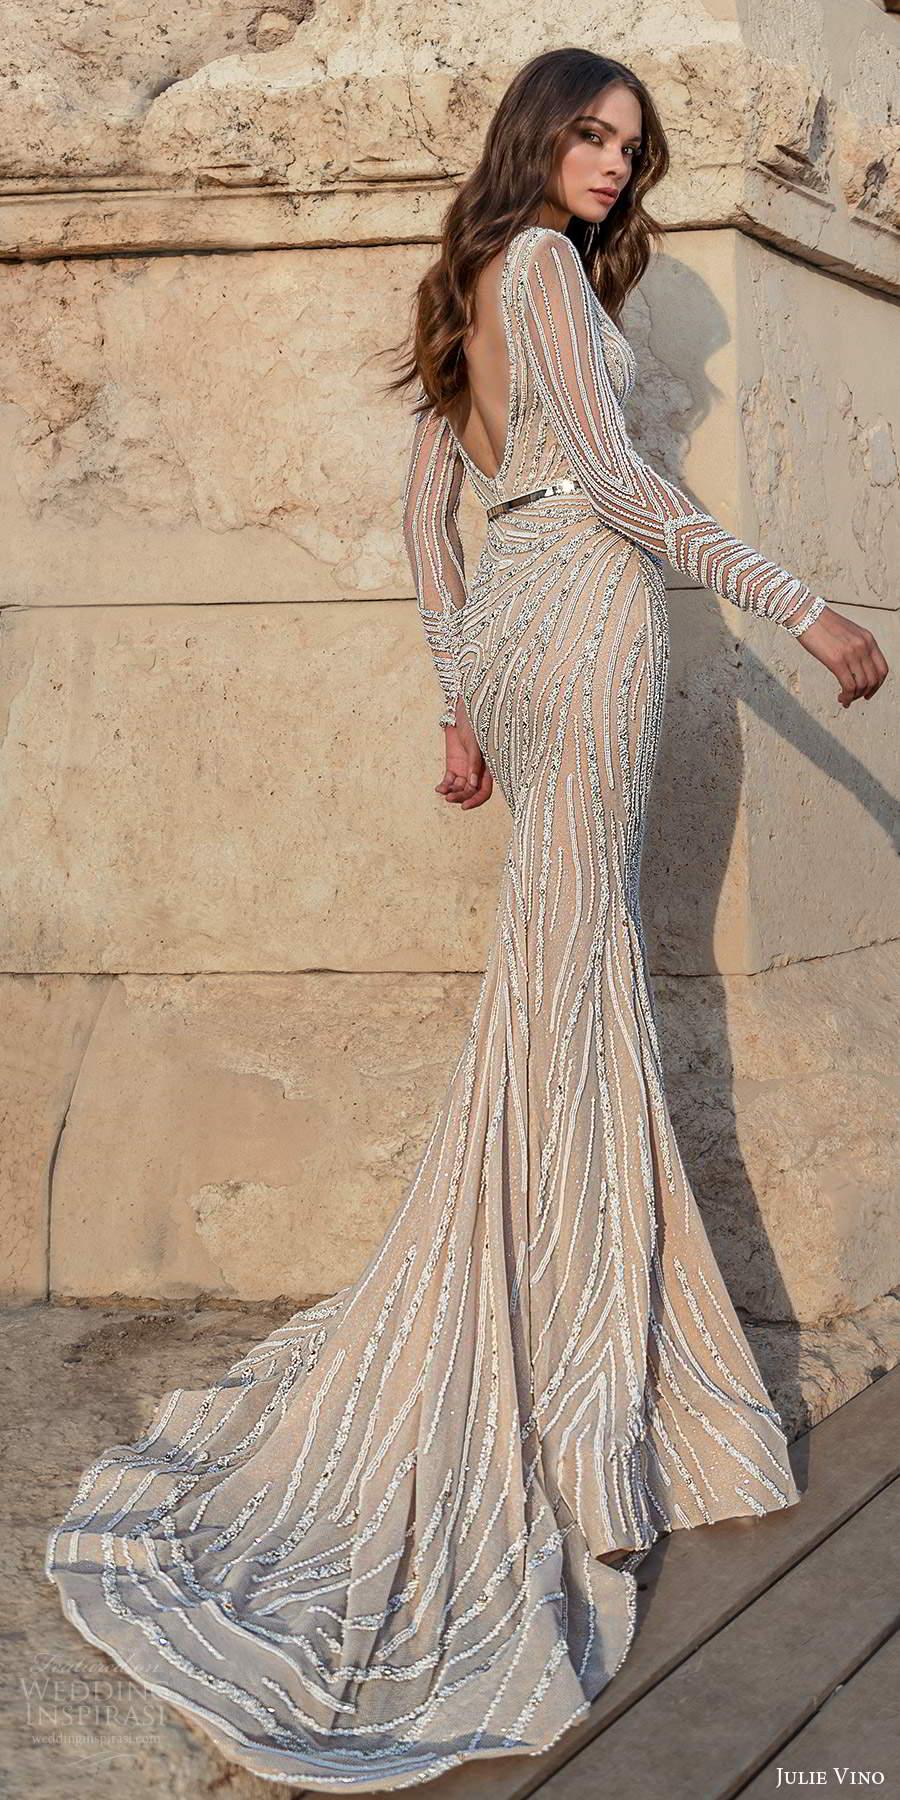 julie vino 2021 bridal sheer long sleeves plunging v neckline fully embellished sheath wedding dress sweep train scoop back (5) mv